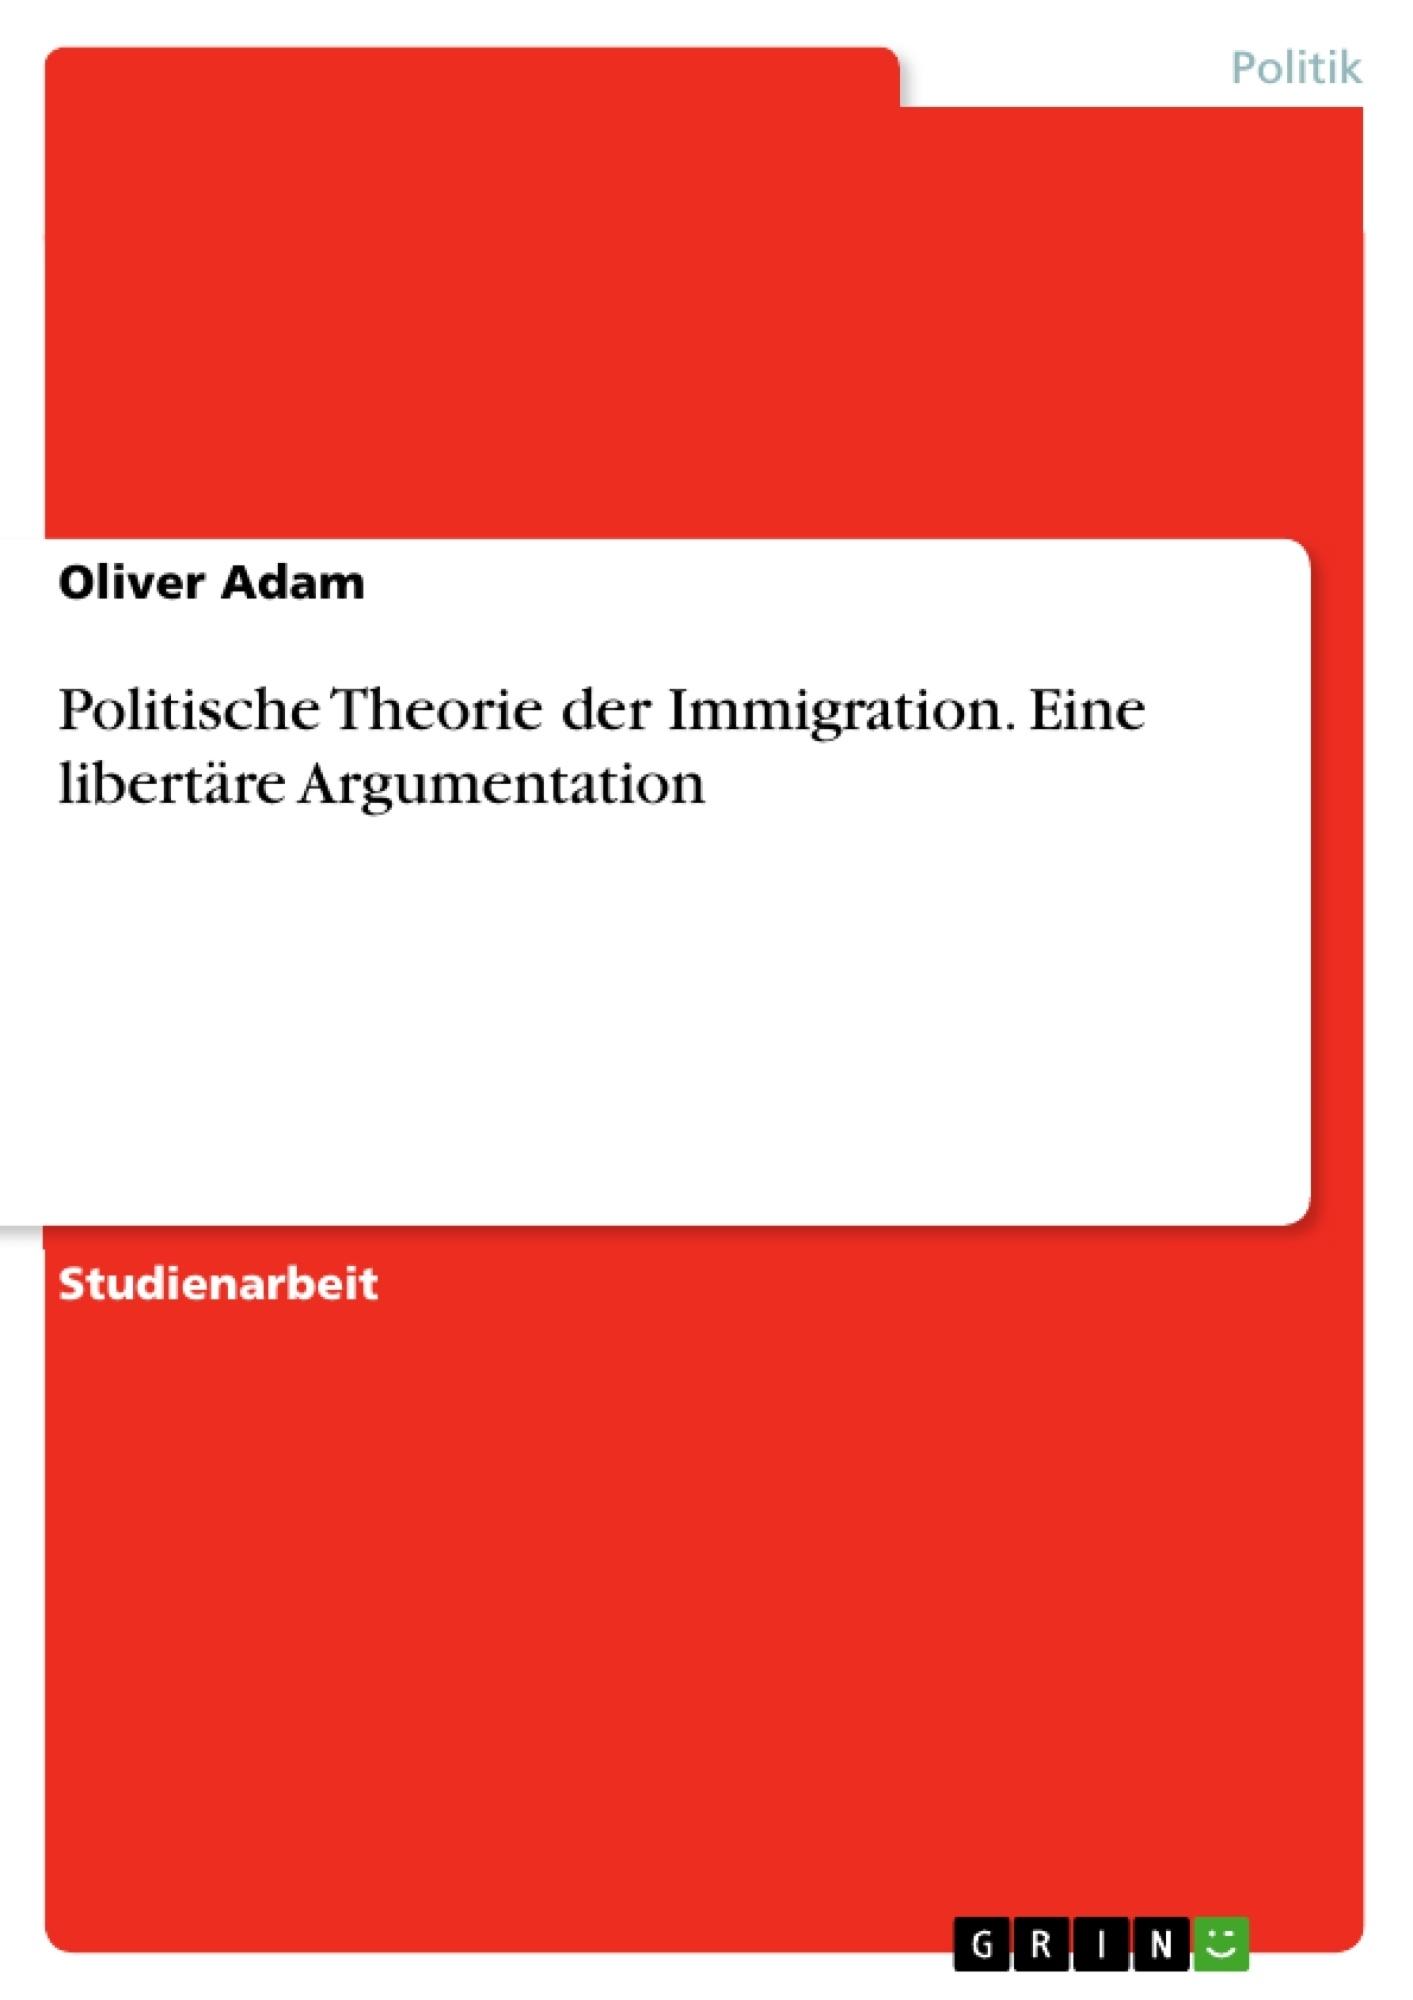 Titel: Politische Theorie der Immigration. Eine libertäre Argumentation